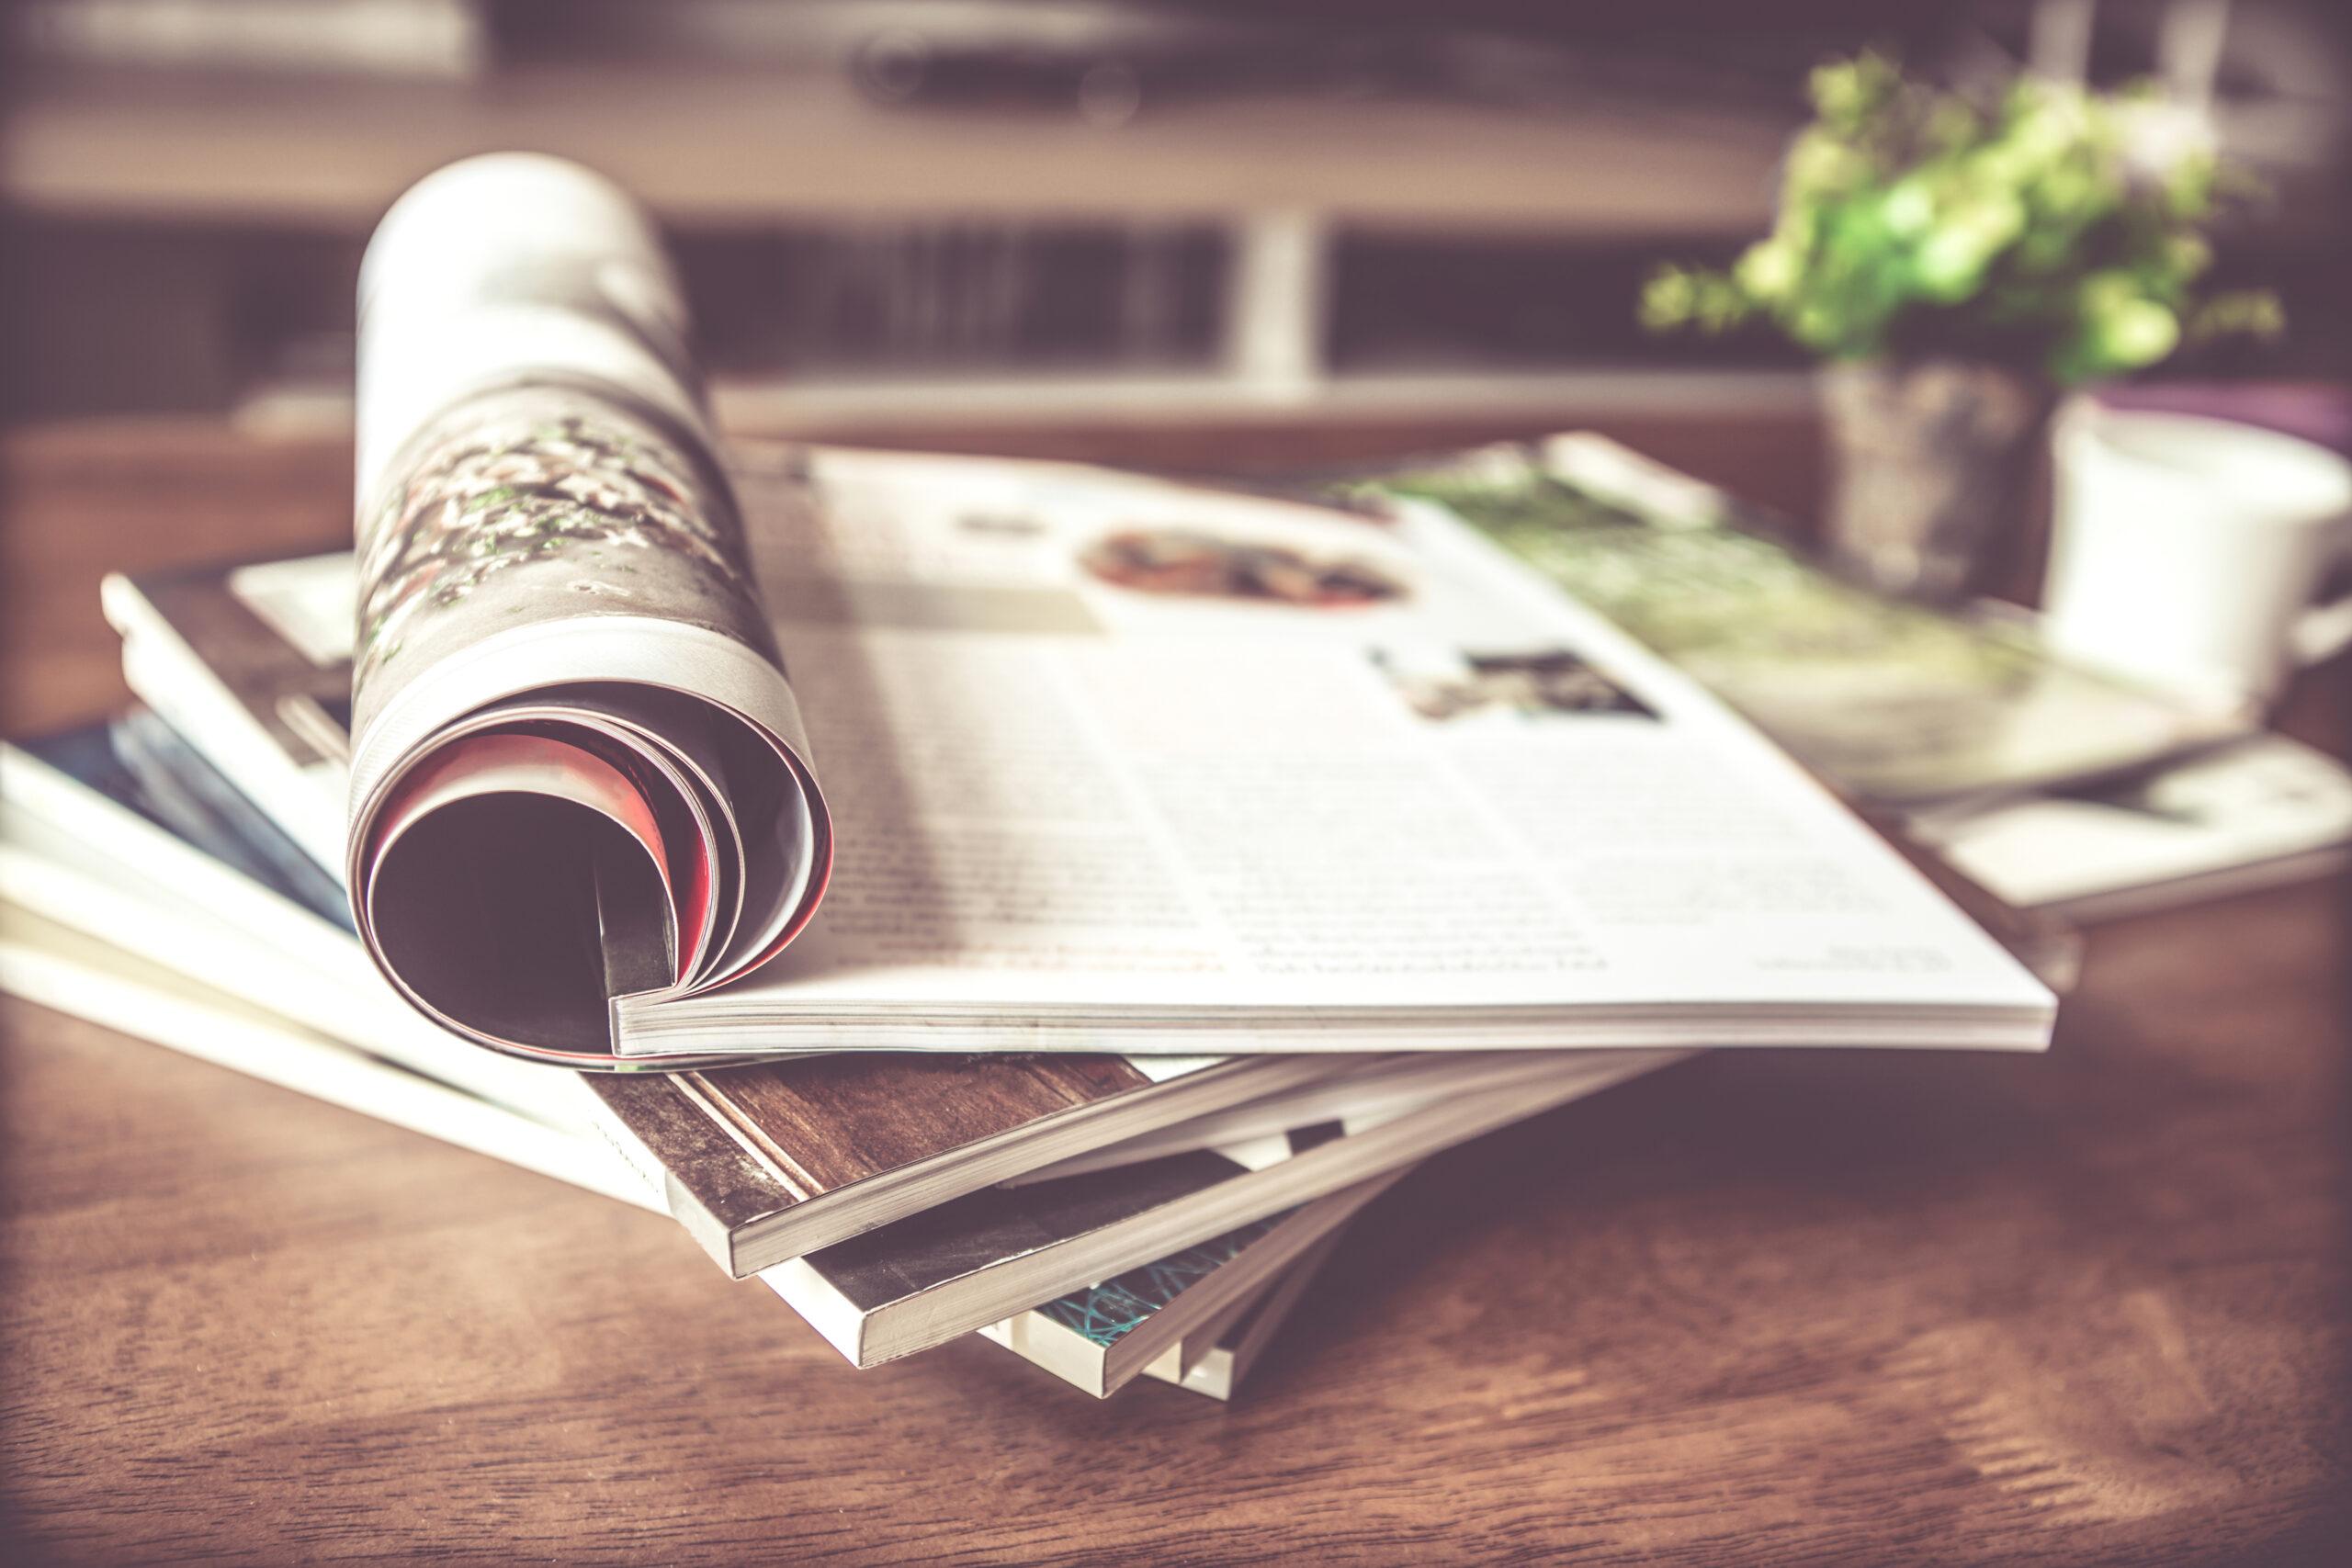 その雑誌、ちゃんと活用してる?